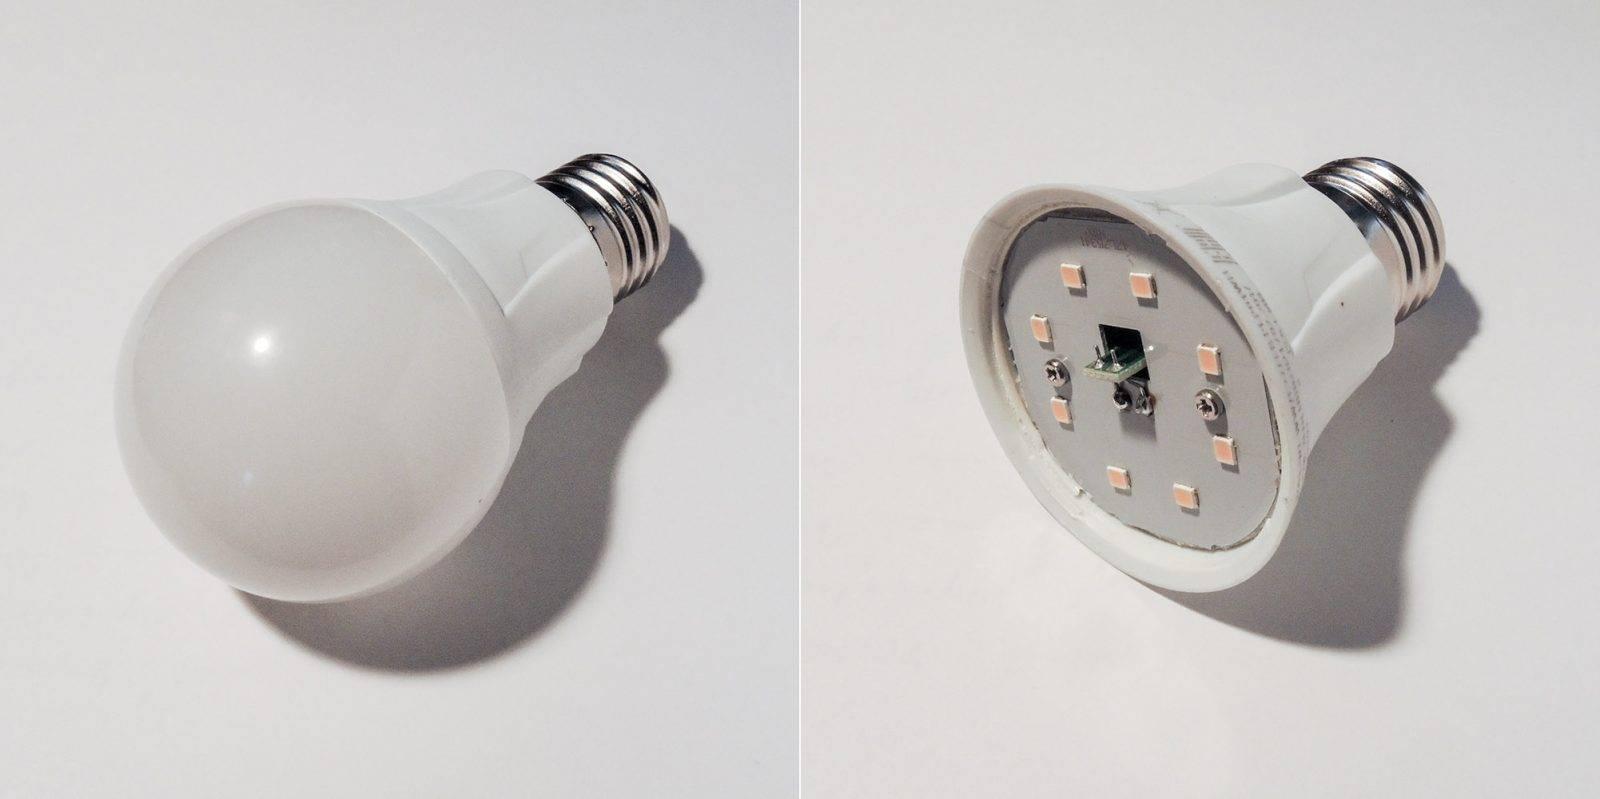 Диммируемые светодиодные светильники: описание, характеристики, принцип работы, фото